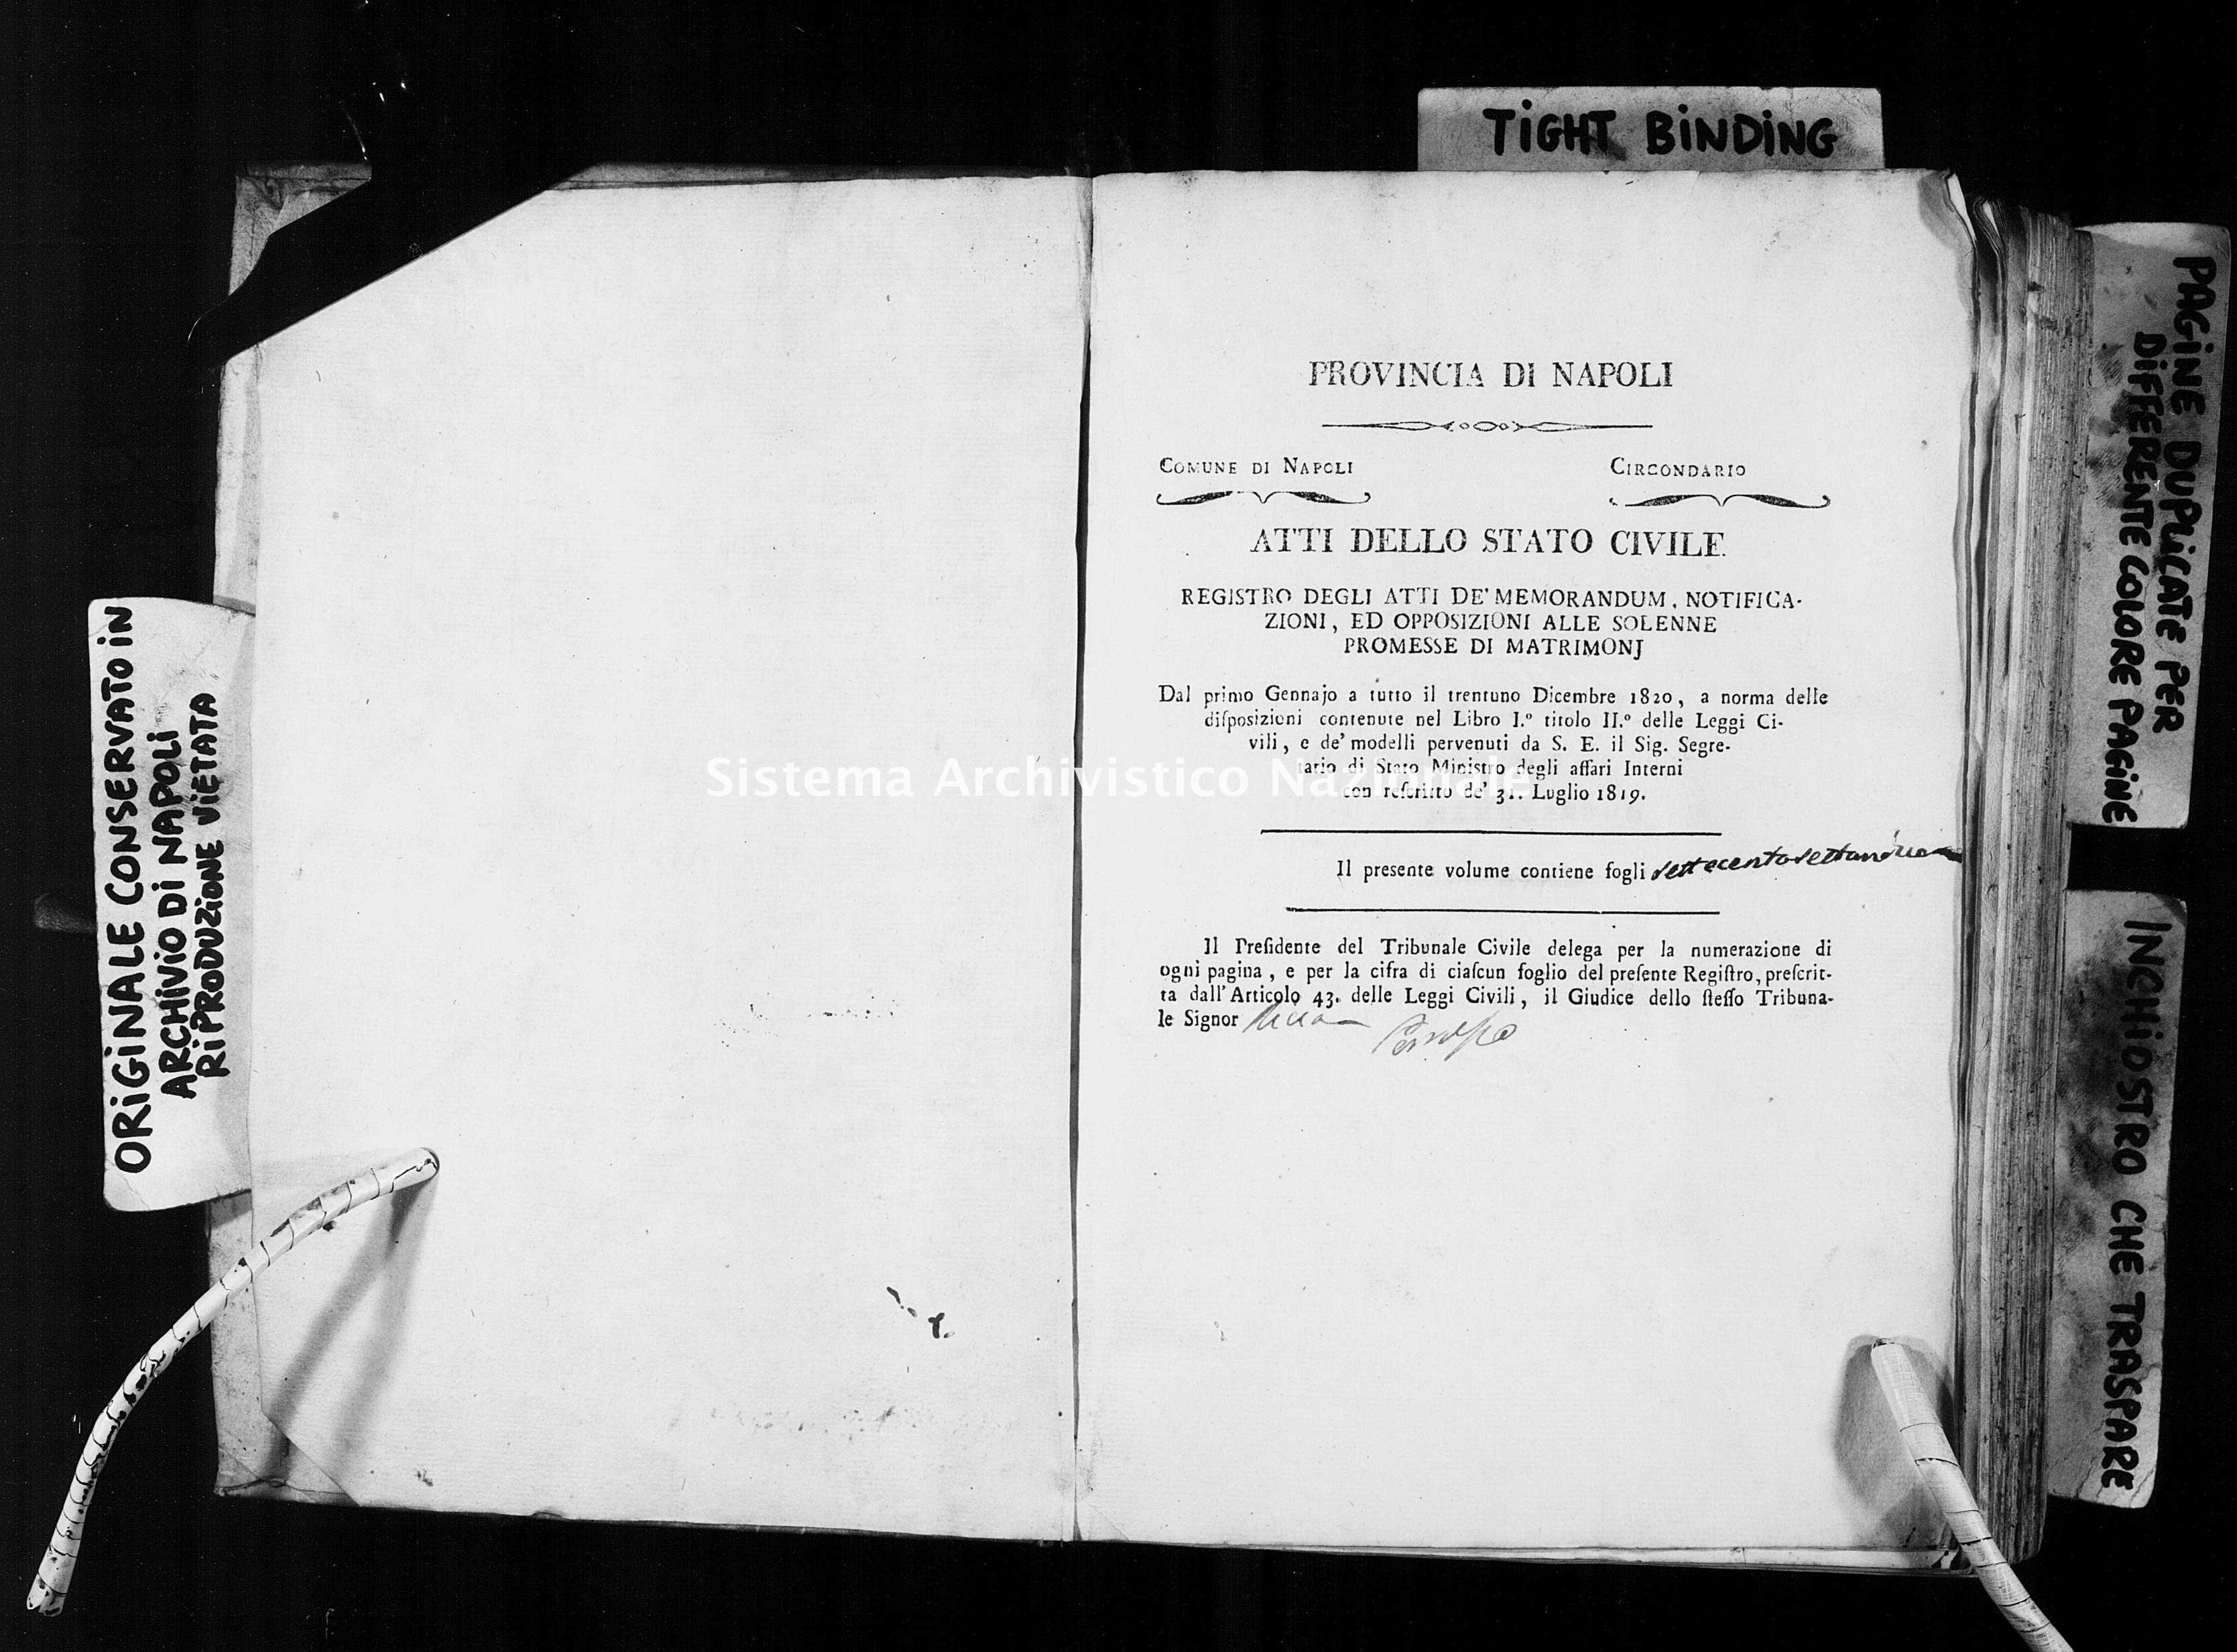 Archivio di stato di Napoli - Stato civile della restaurazione - Avvocata - Matrimoni, memorandum notificazioni ed opposizioni - 1820 -